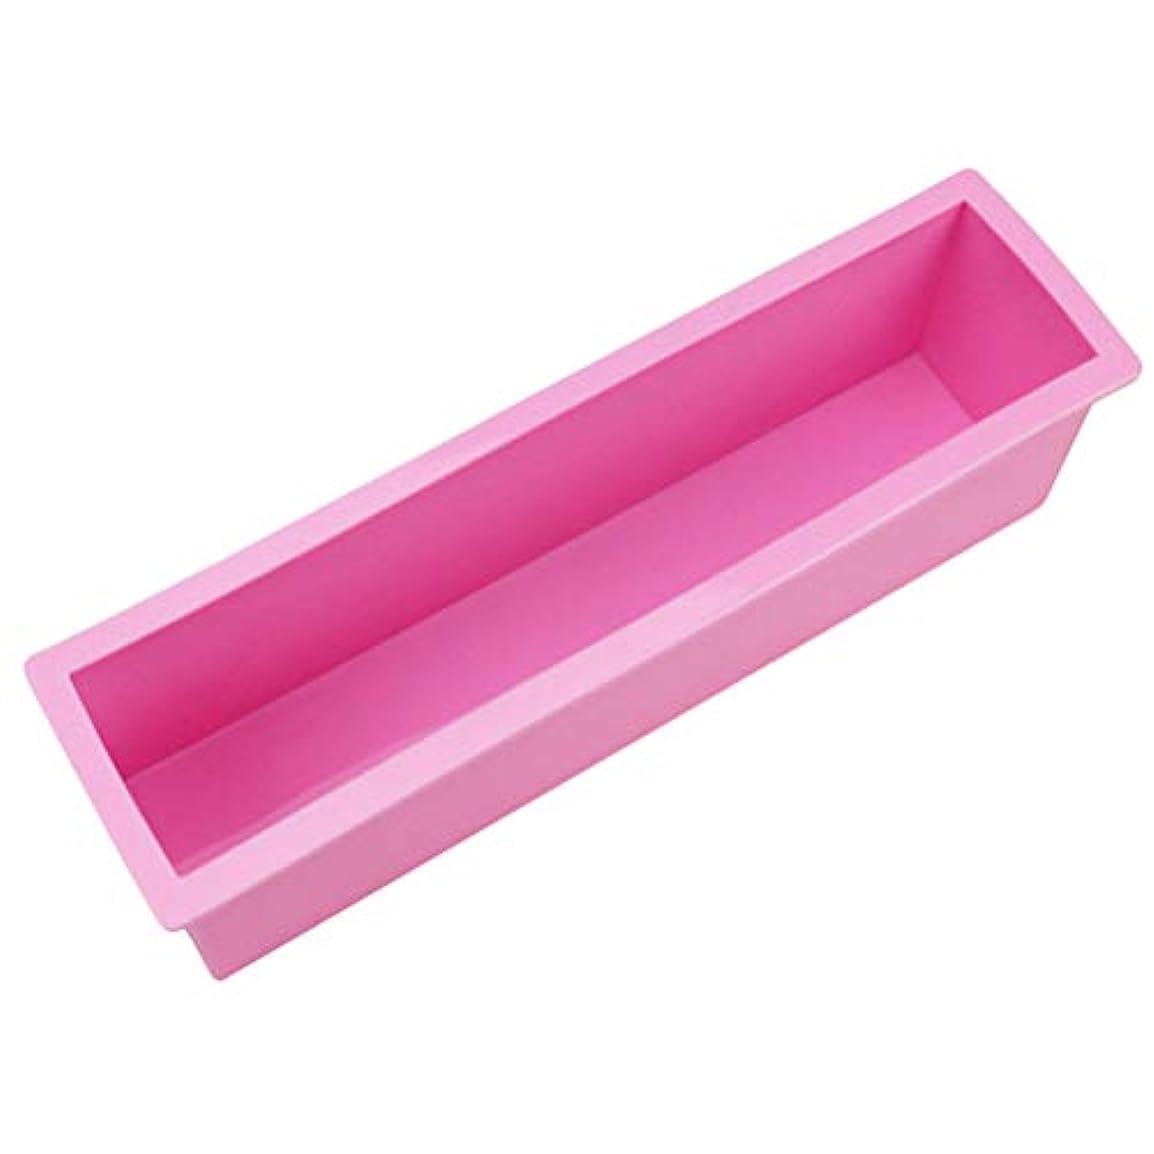 マリナー飽和する疾患Yardwe 石鹸ケーキミートローフ用品のための柔軟な長方形のシリコンソープモールドロープ(ランダムカラー)サイズL